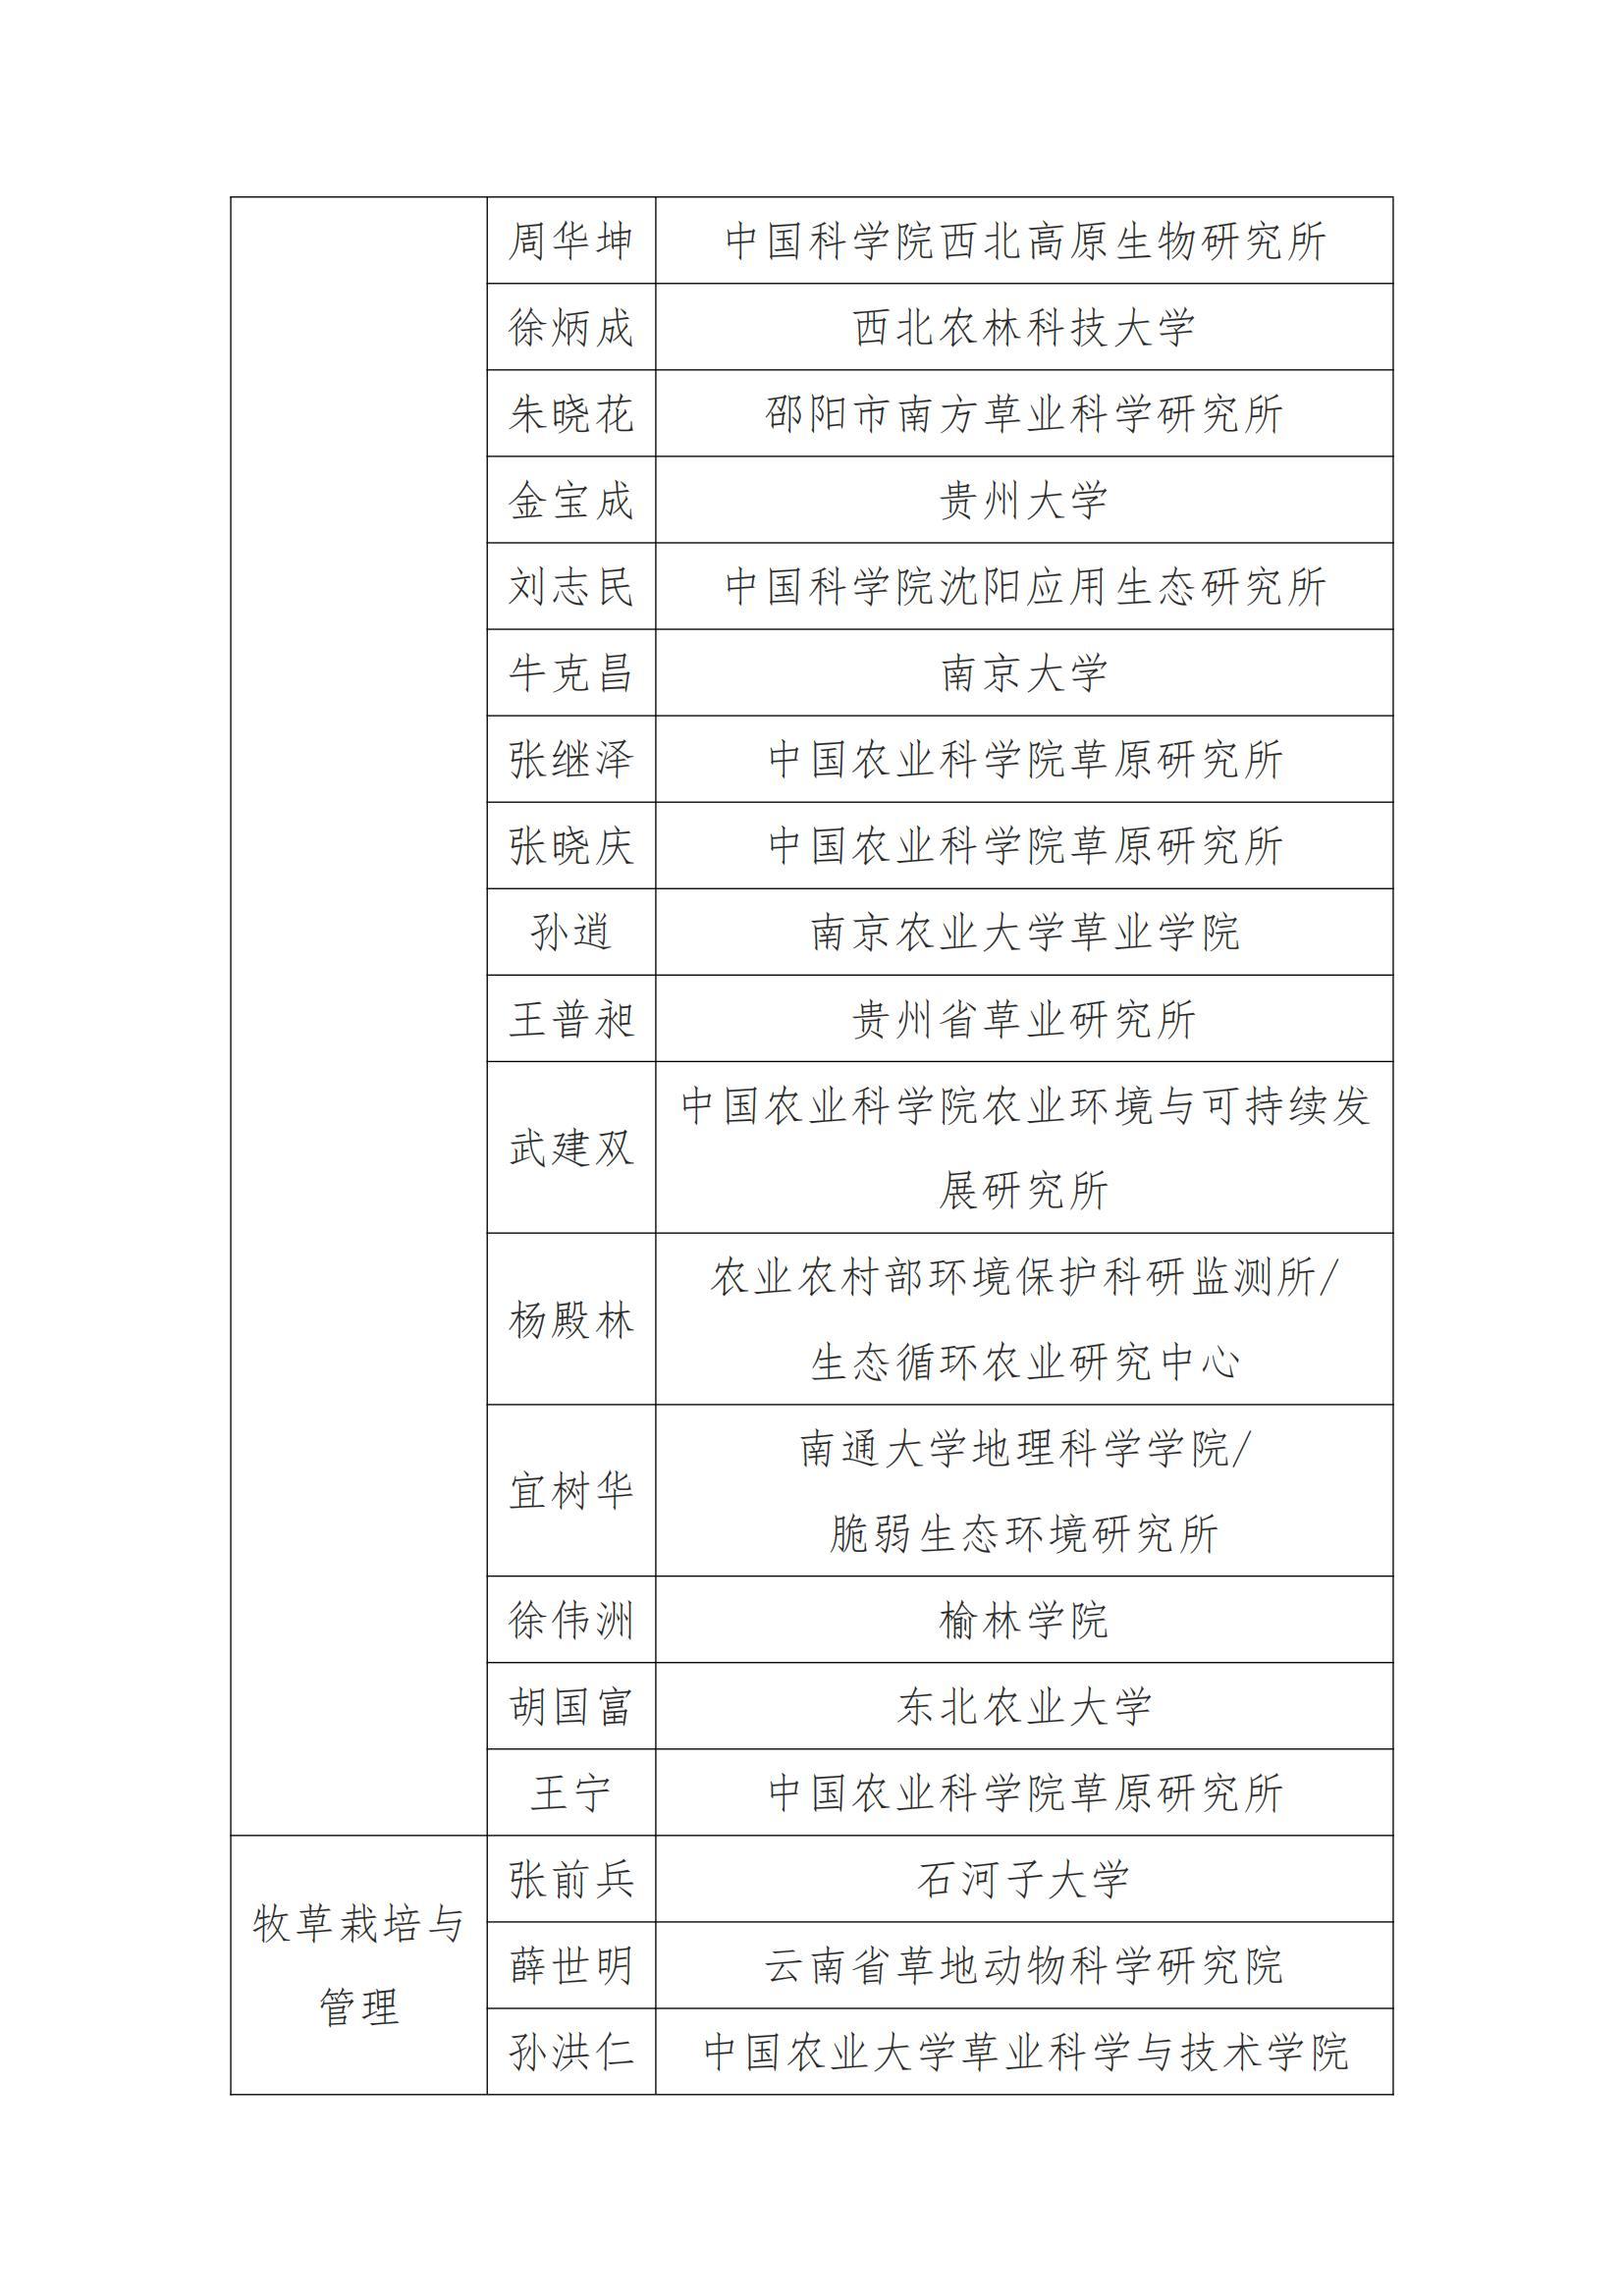 关于公布中国草学会第一批资深咨询和科普培训专家名单的通知_03.jpg